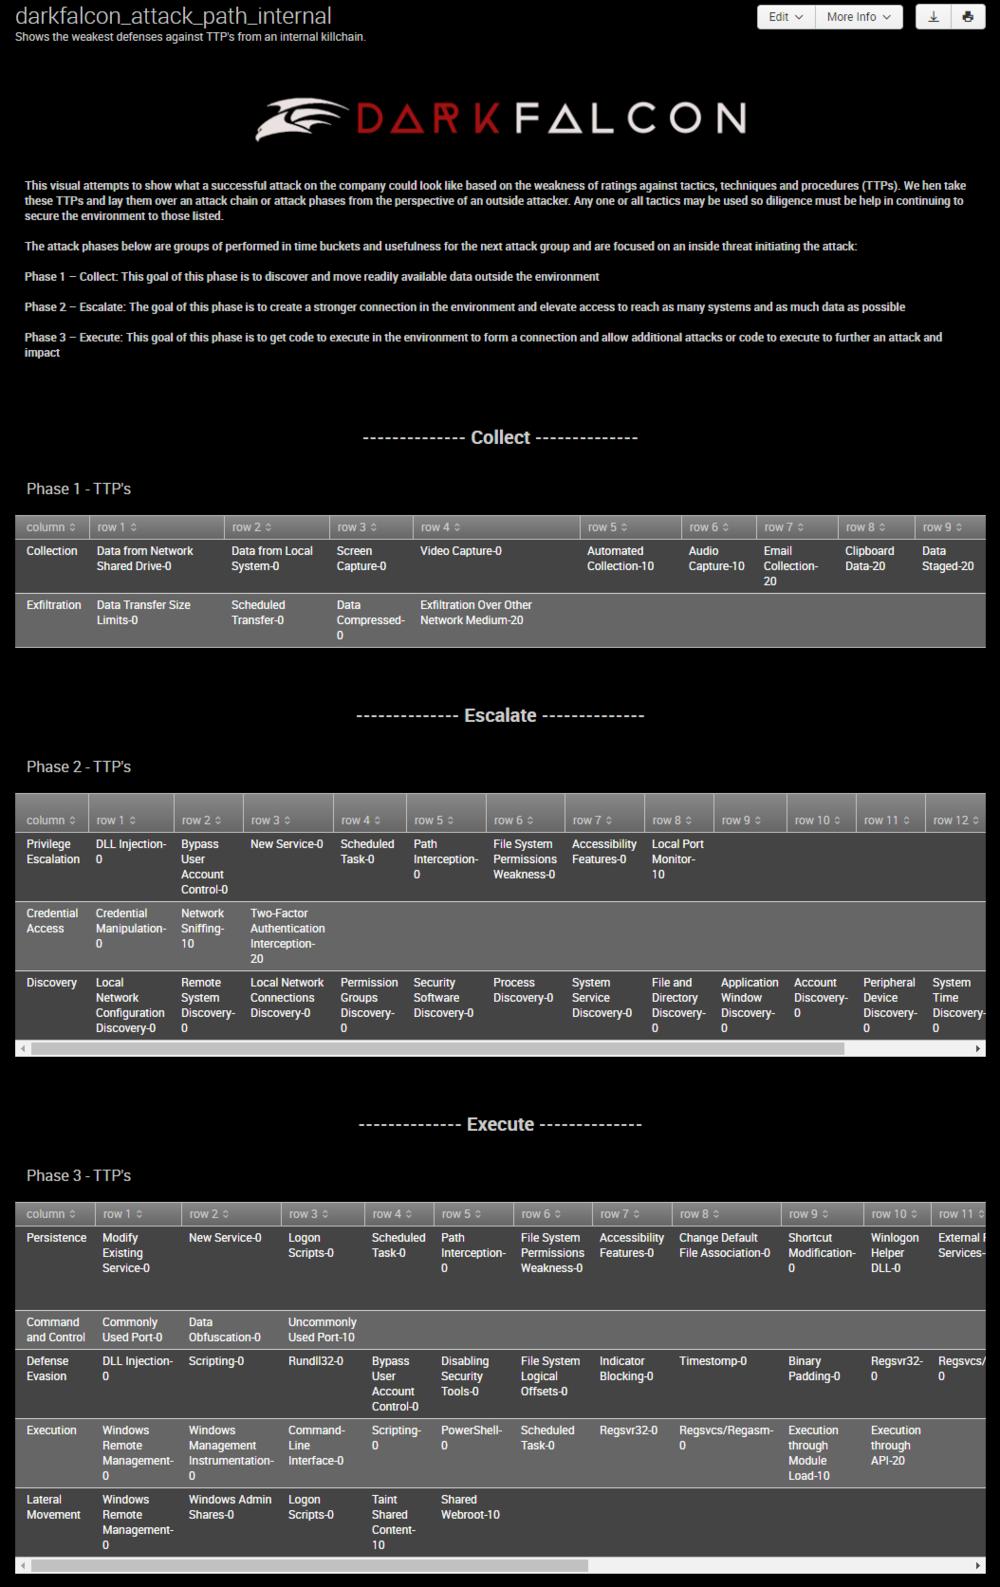 DarkFalcon Internal Attack Path, click to view entire image